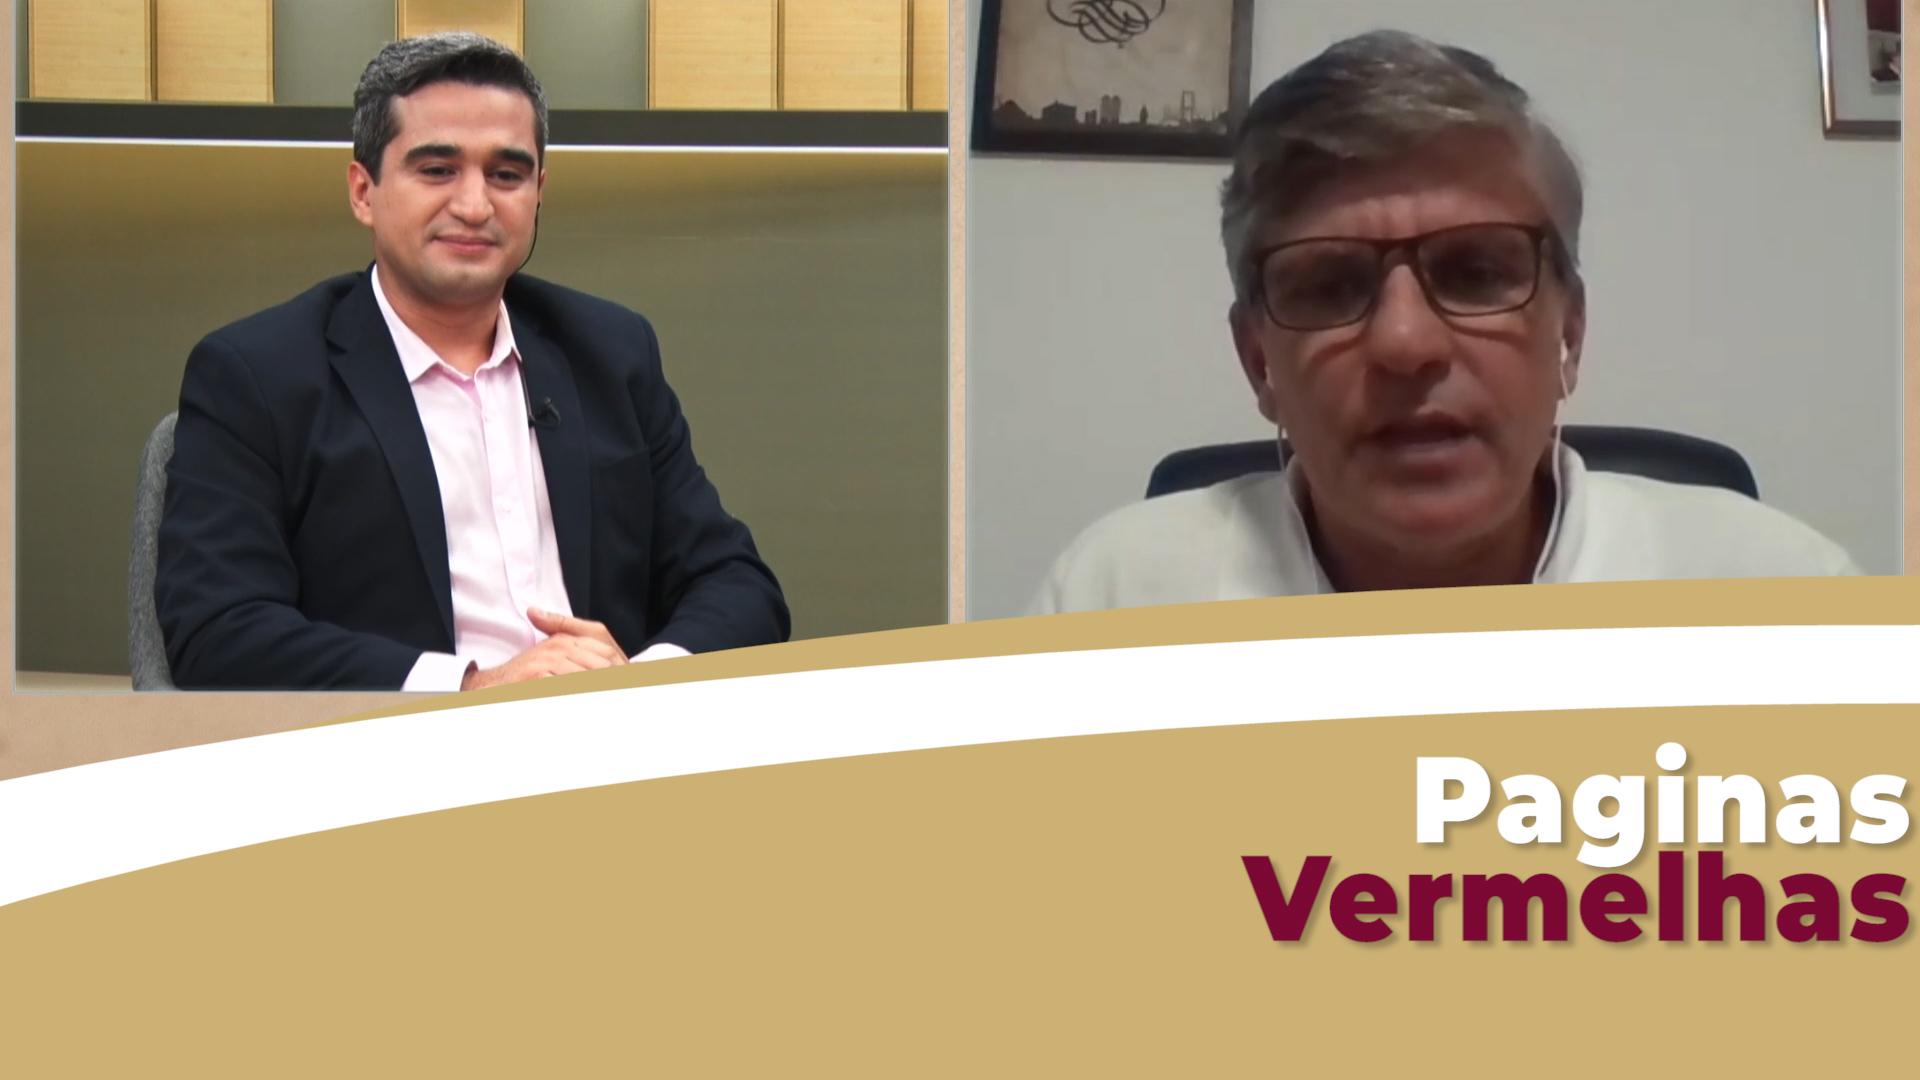 Paginas Vermelhas entrevista, Luiz Henrique Gouveia, Dir. de concessionárias do grupo ADTSA